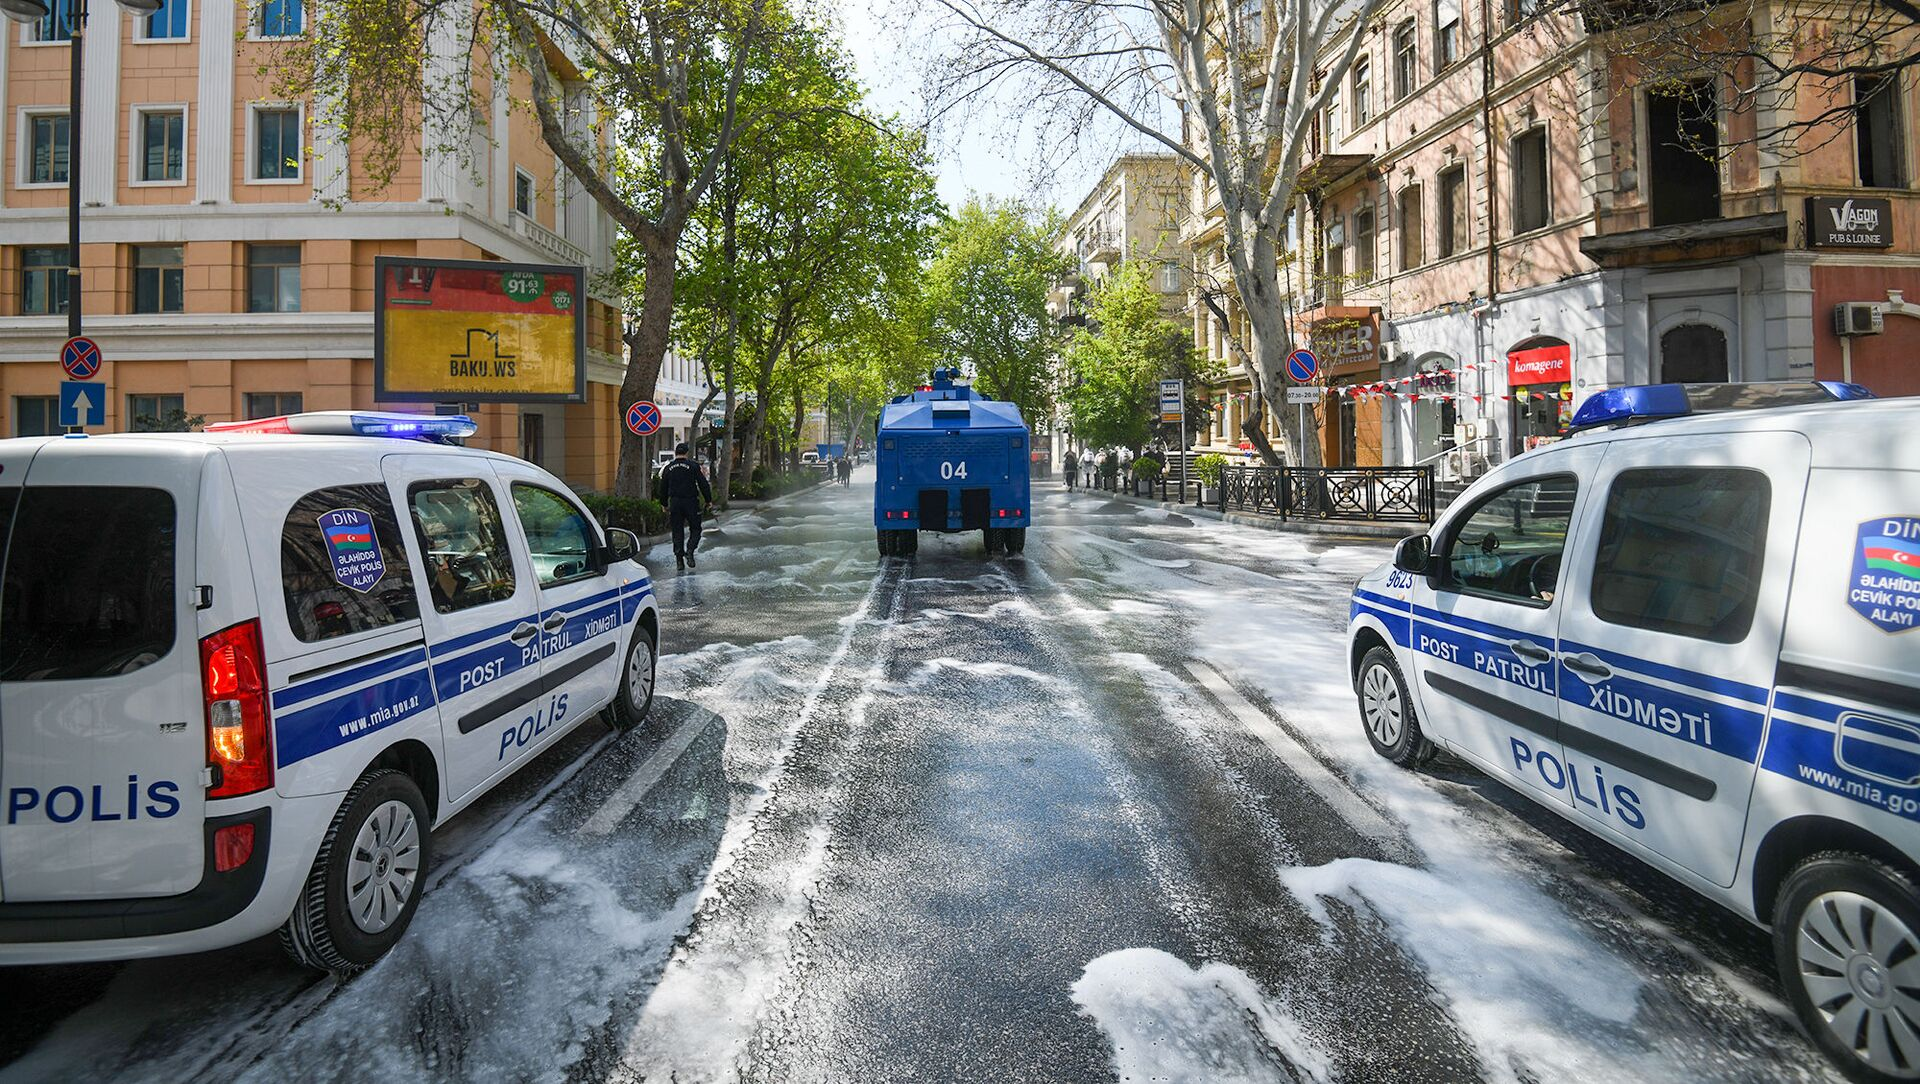 Дезинфекционные работы на улицах Баку - Sputnik Azərbaycan, 1920, 10.09.2021